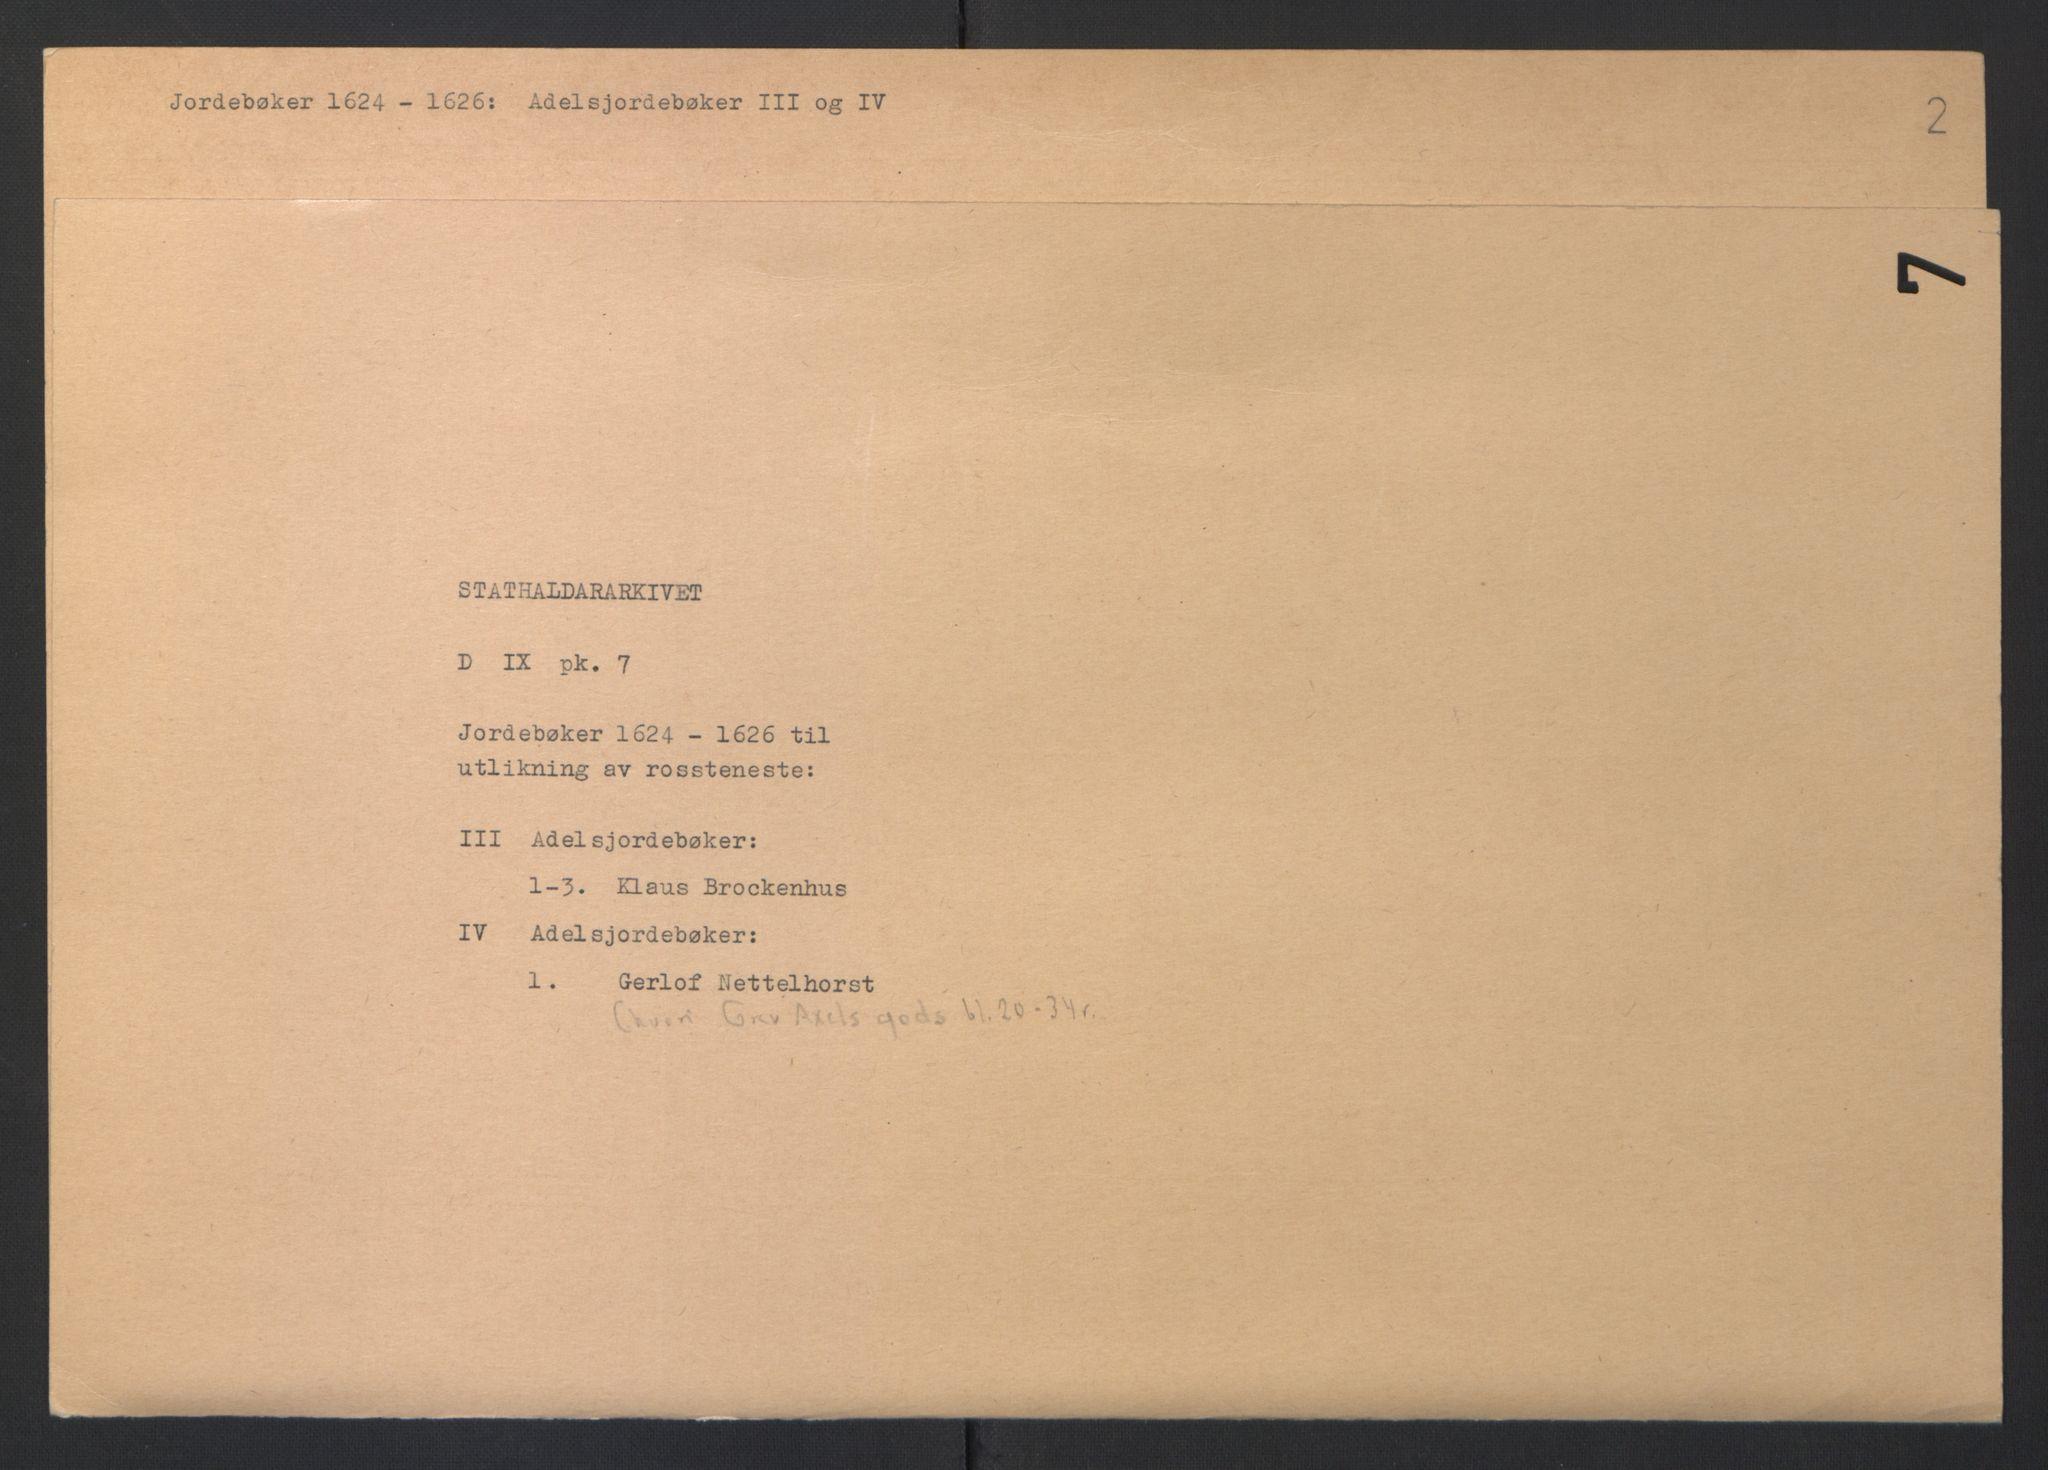 RA, Stattholderembetet 1572-1771, Ek/L0007: Jordebøker til utlikning av rosstjeneste 1624-1626:, 1624-1625, s. 85